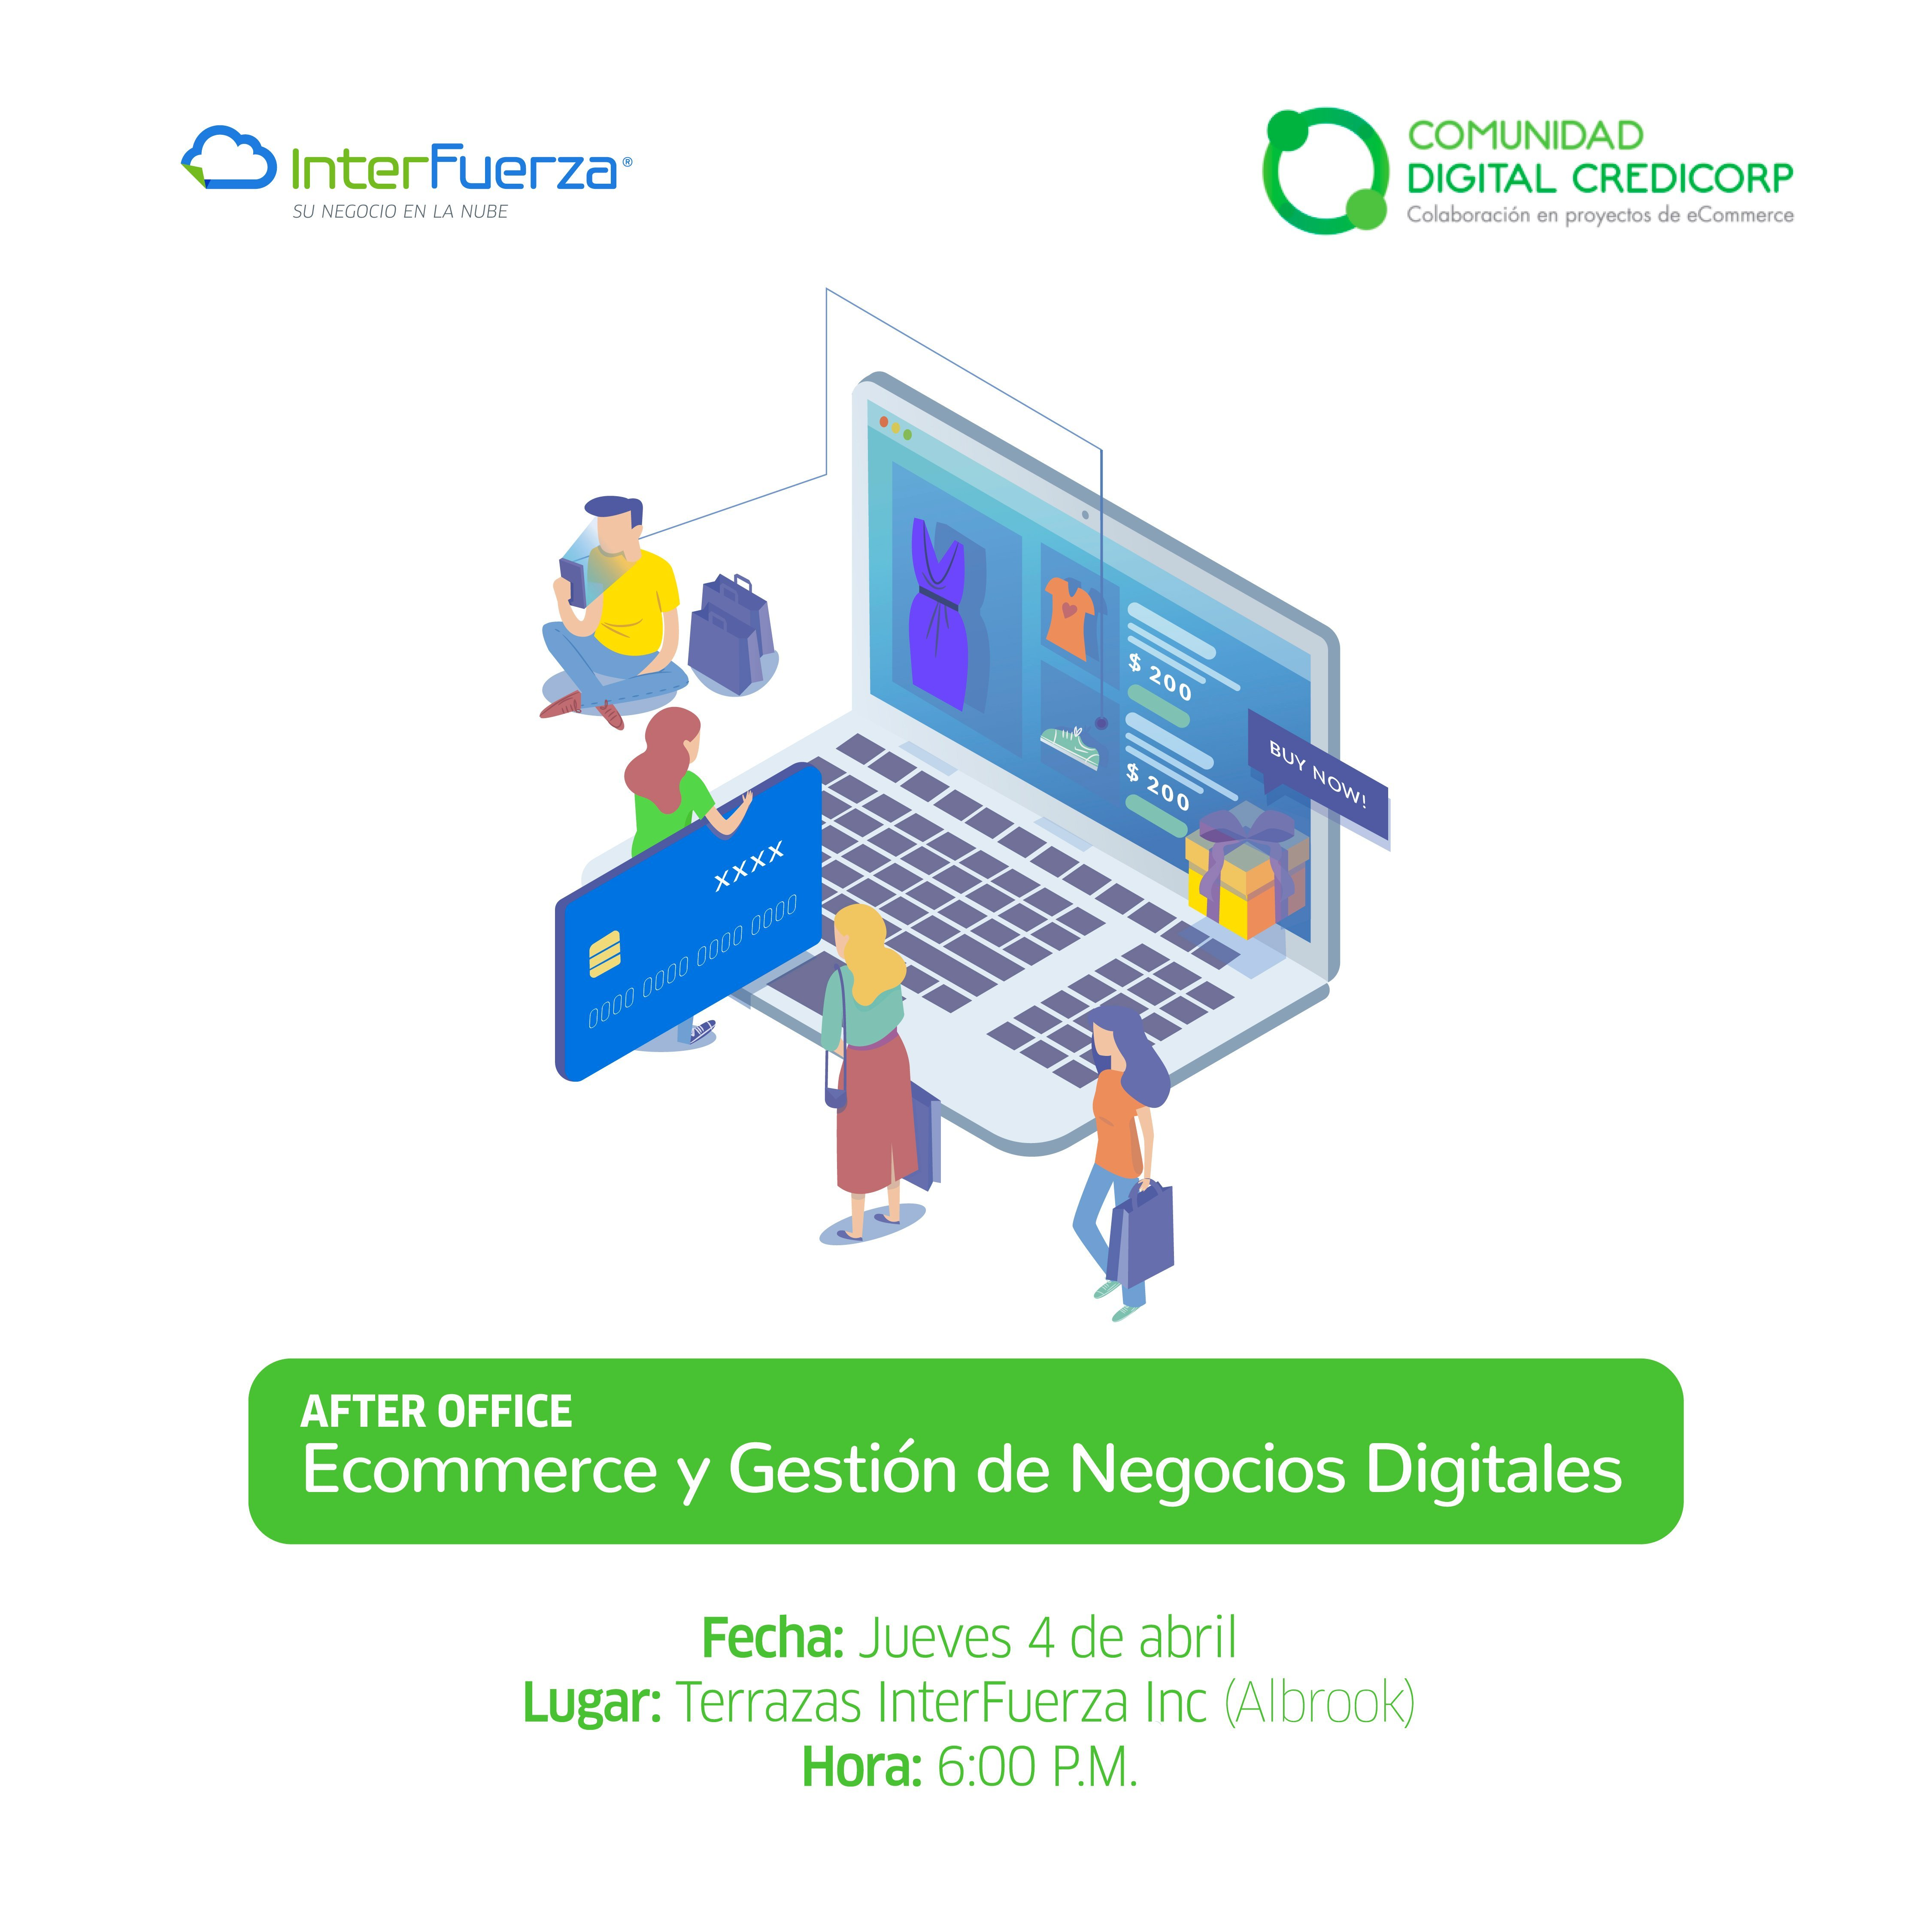 Ecommerce y Gestión de Negocios Digitales. Jueves 4 de abril a las 6:00 PM